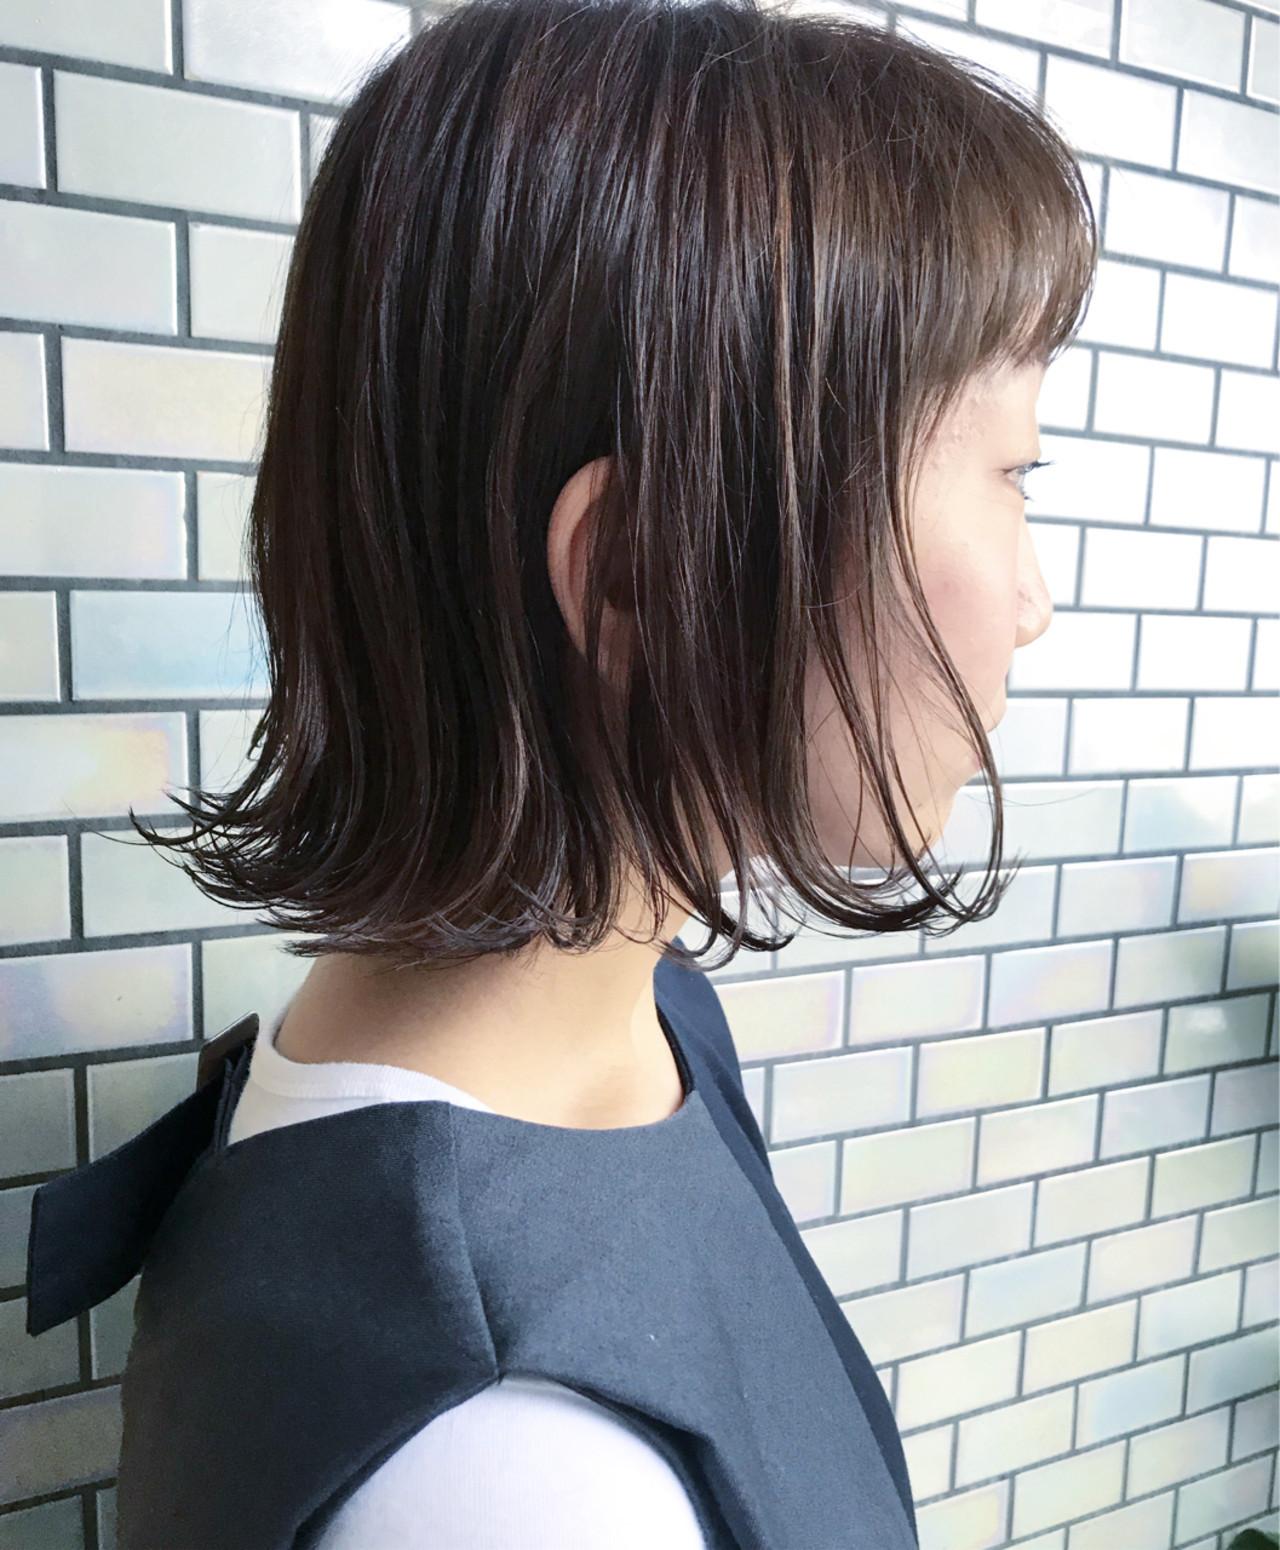 内巻き ボブ 切りっぱなし ワンカール ヘアスタイルや髪型の写真・画像